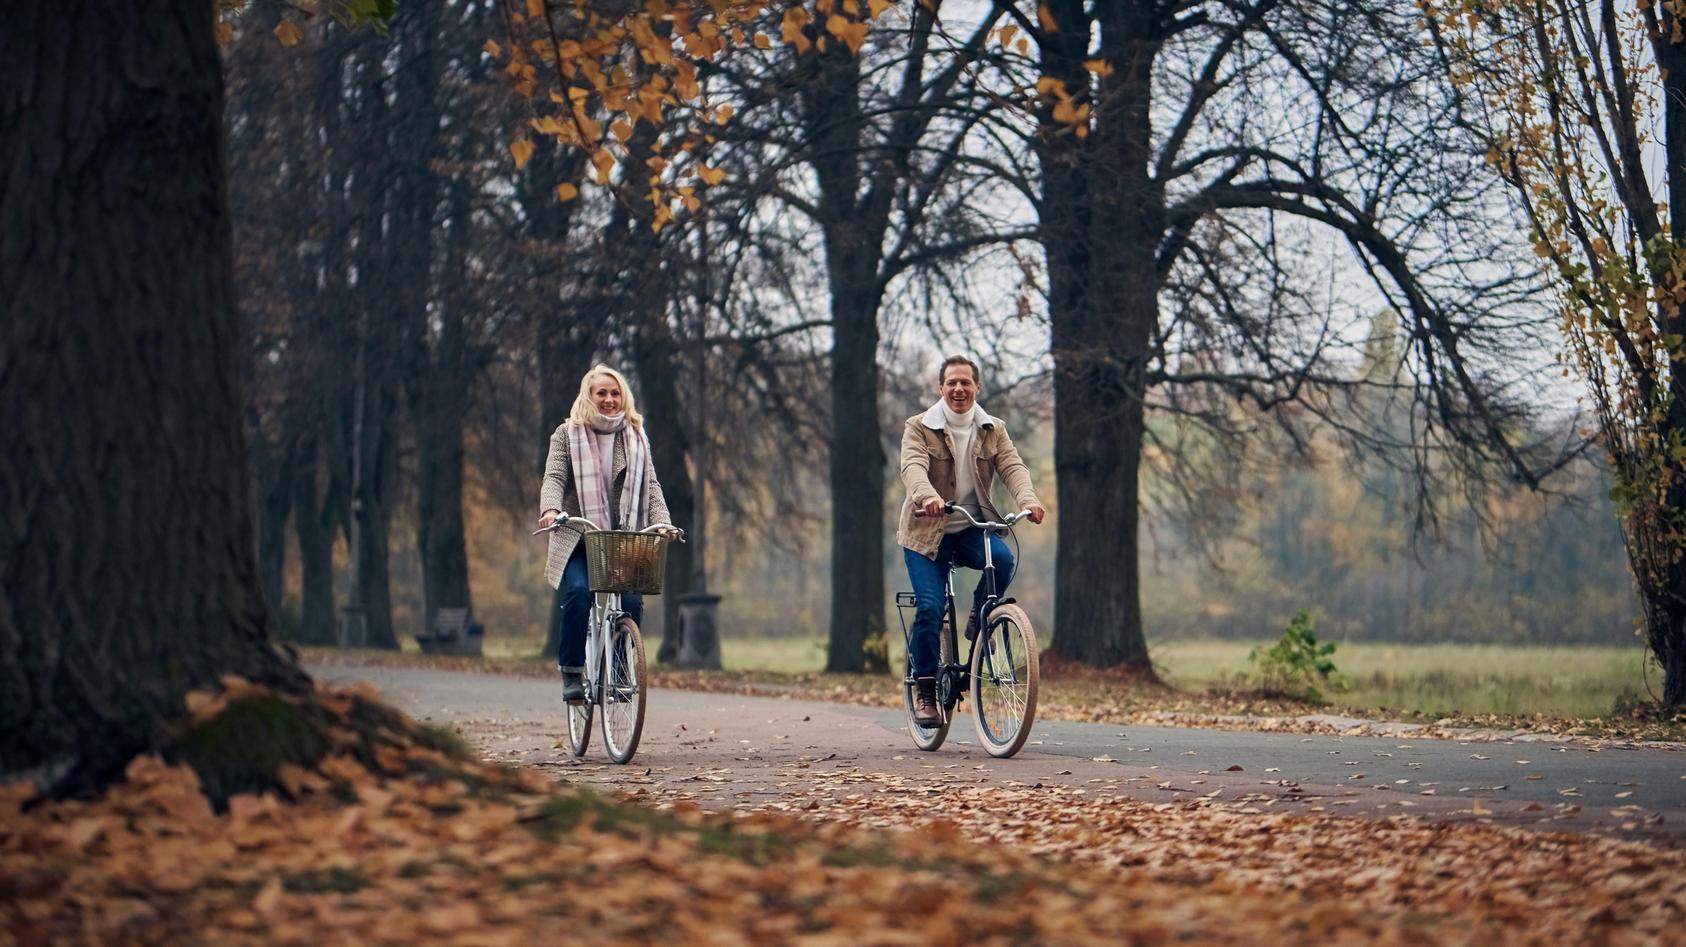 Auch im Herbst ist das Rad noch ein gutes Verkehrsmittel